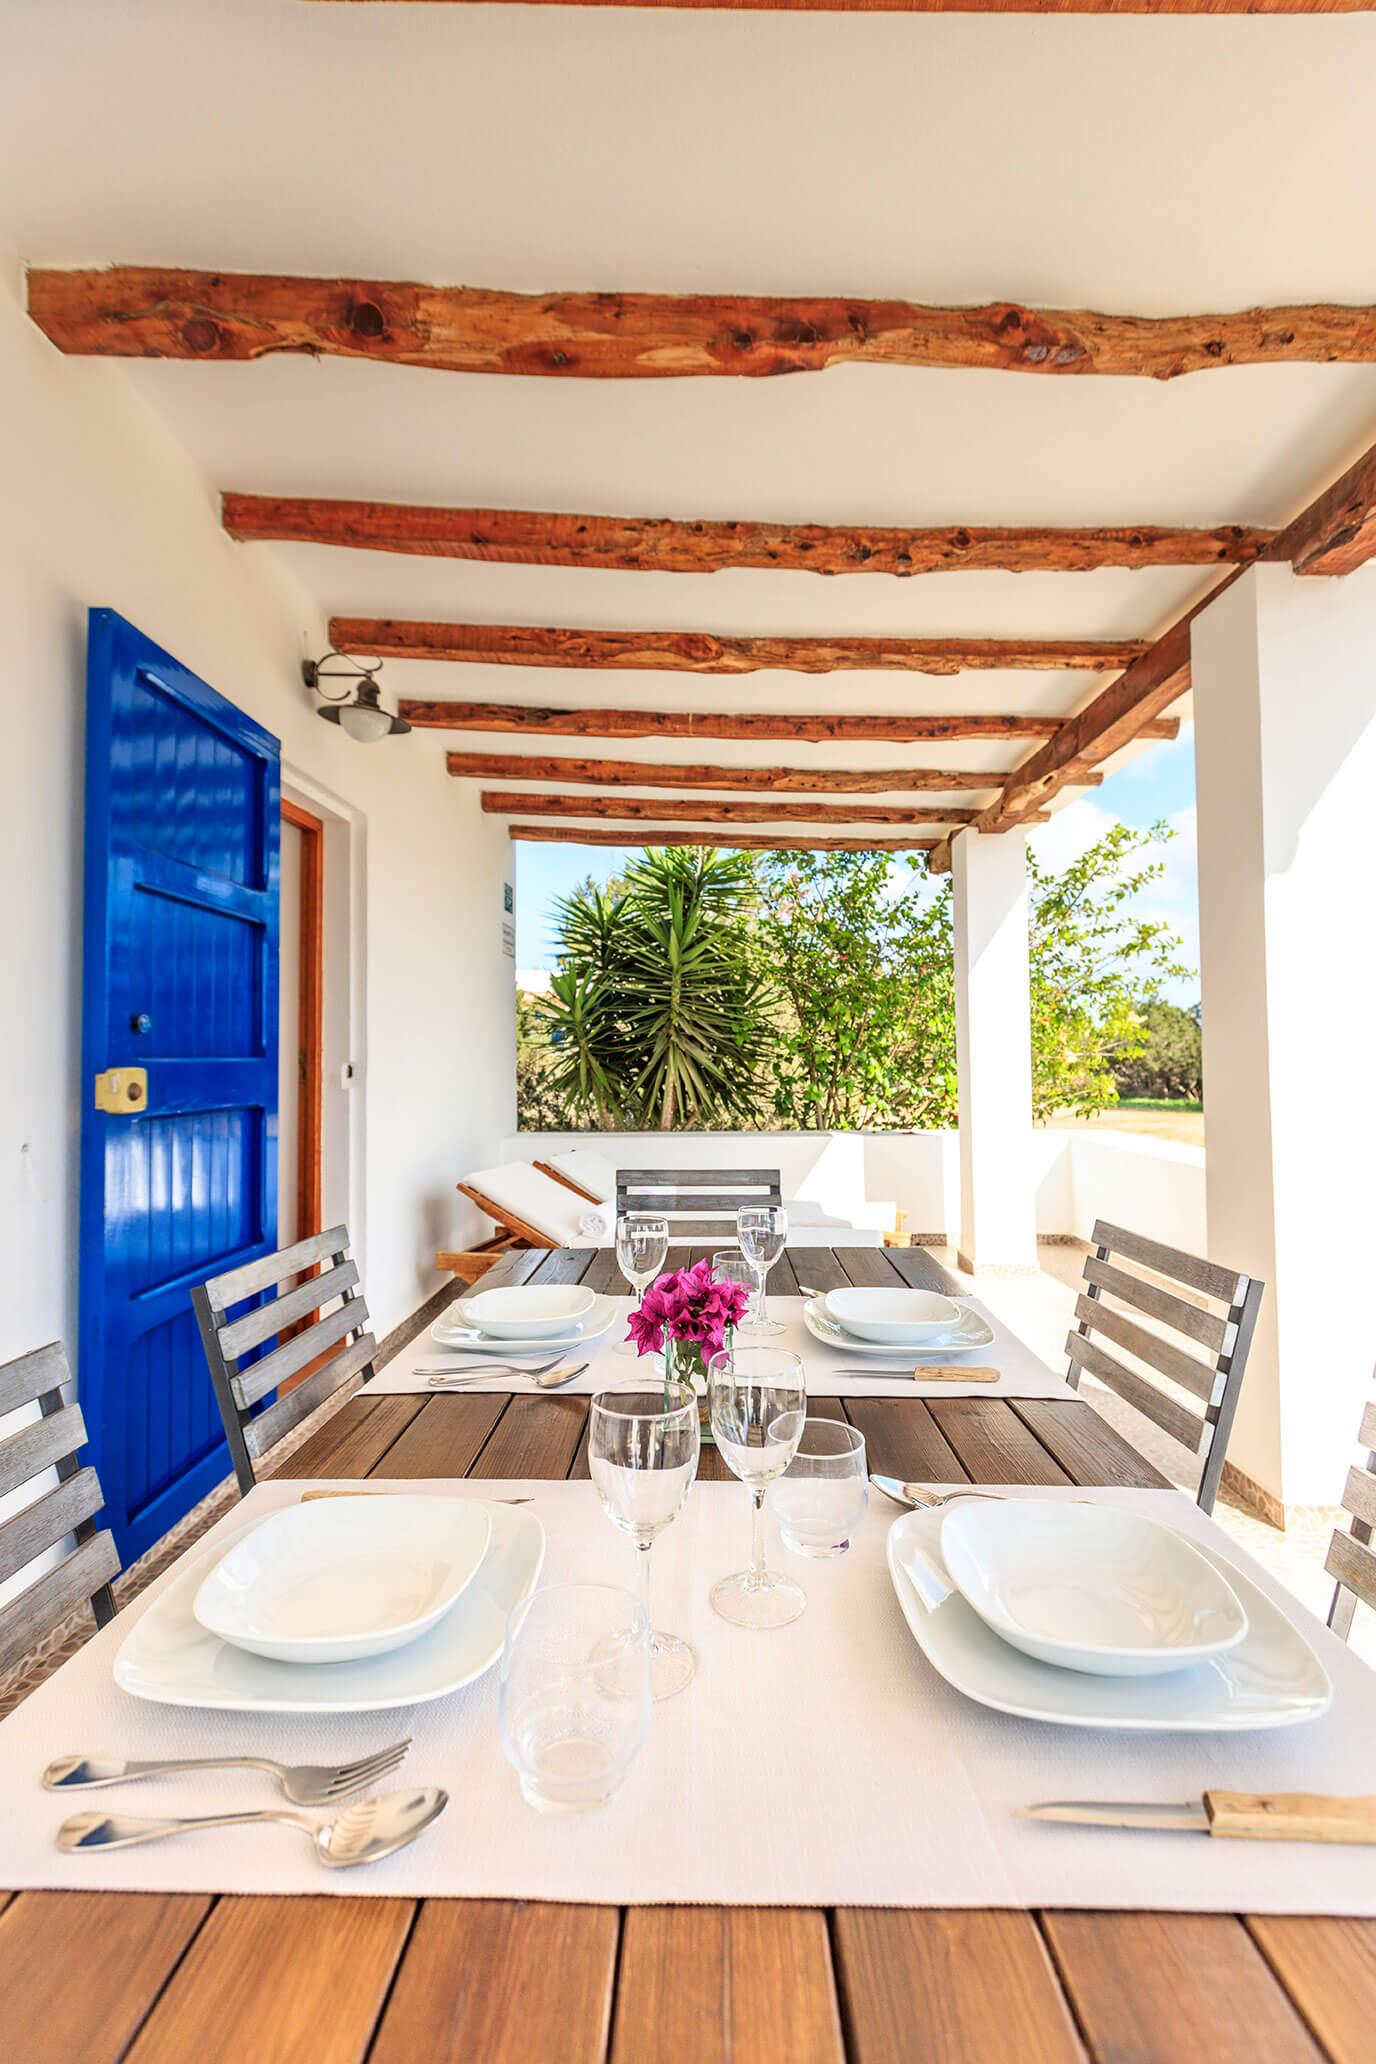 Casa rural en Formentera, próxima a San Francisco Javier. Alojamientos turísticos Cardona